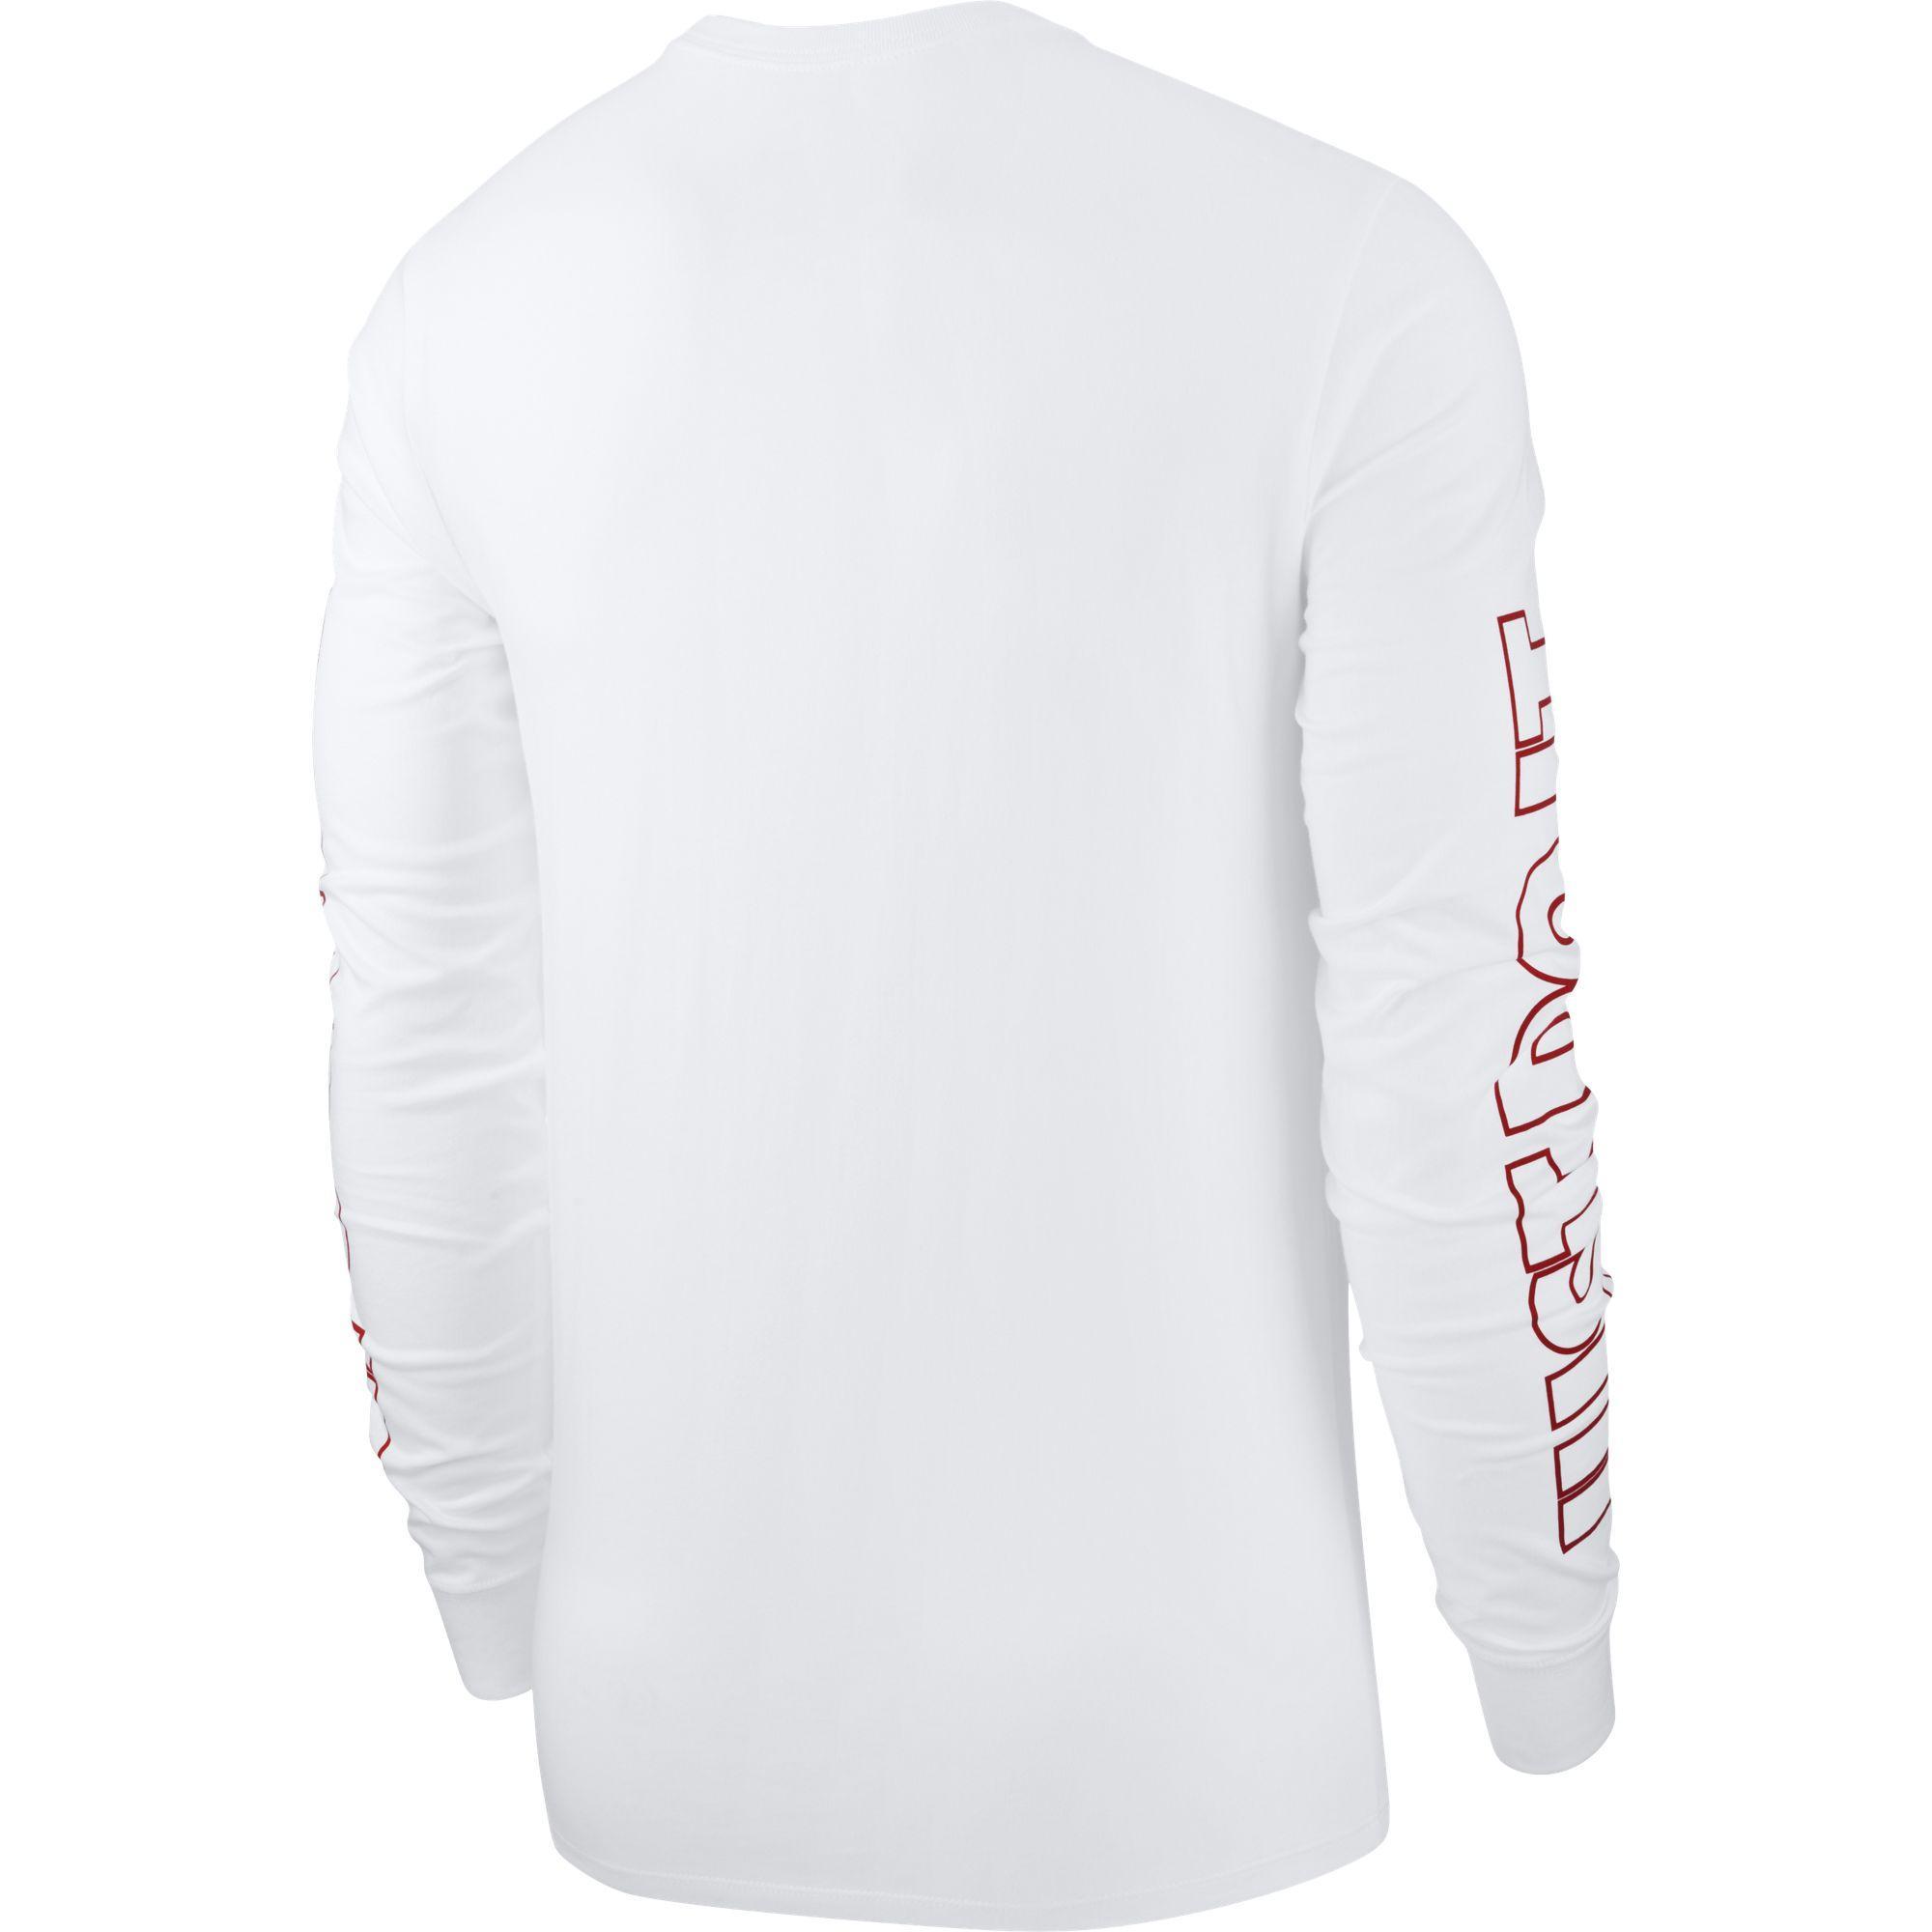 3ebf0feb Nike Mens NSW Long Sleeve Top - White/Red - Tennisnuts.com